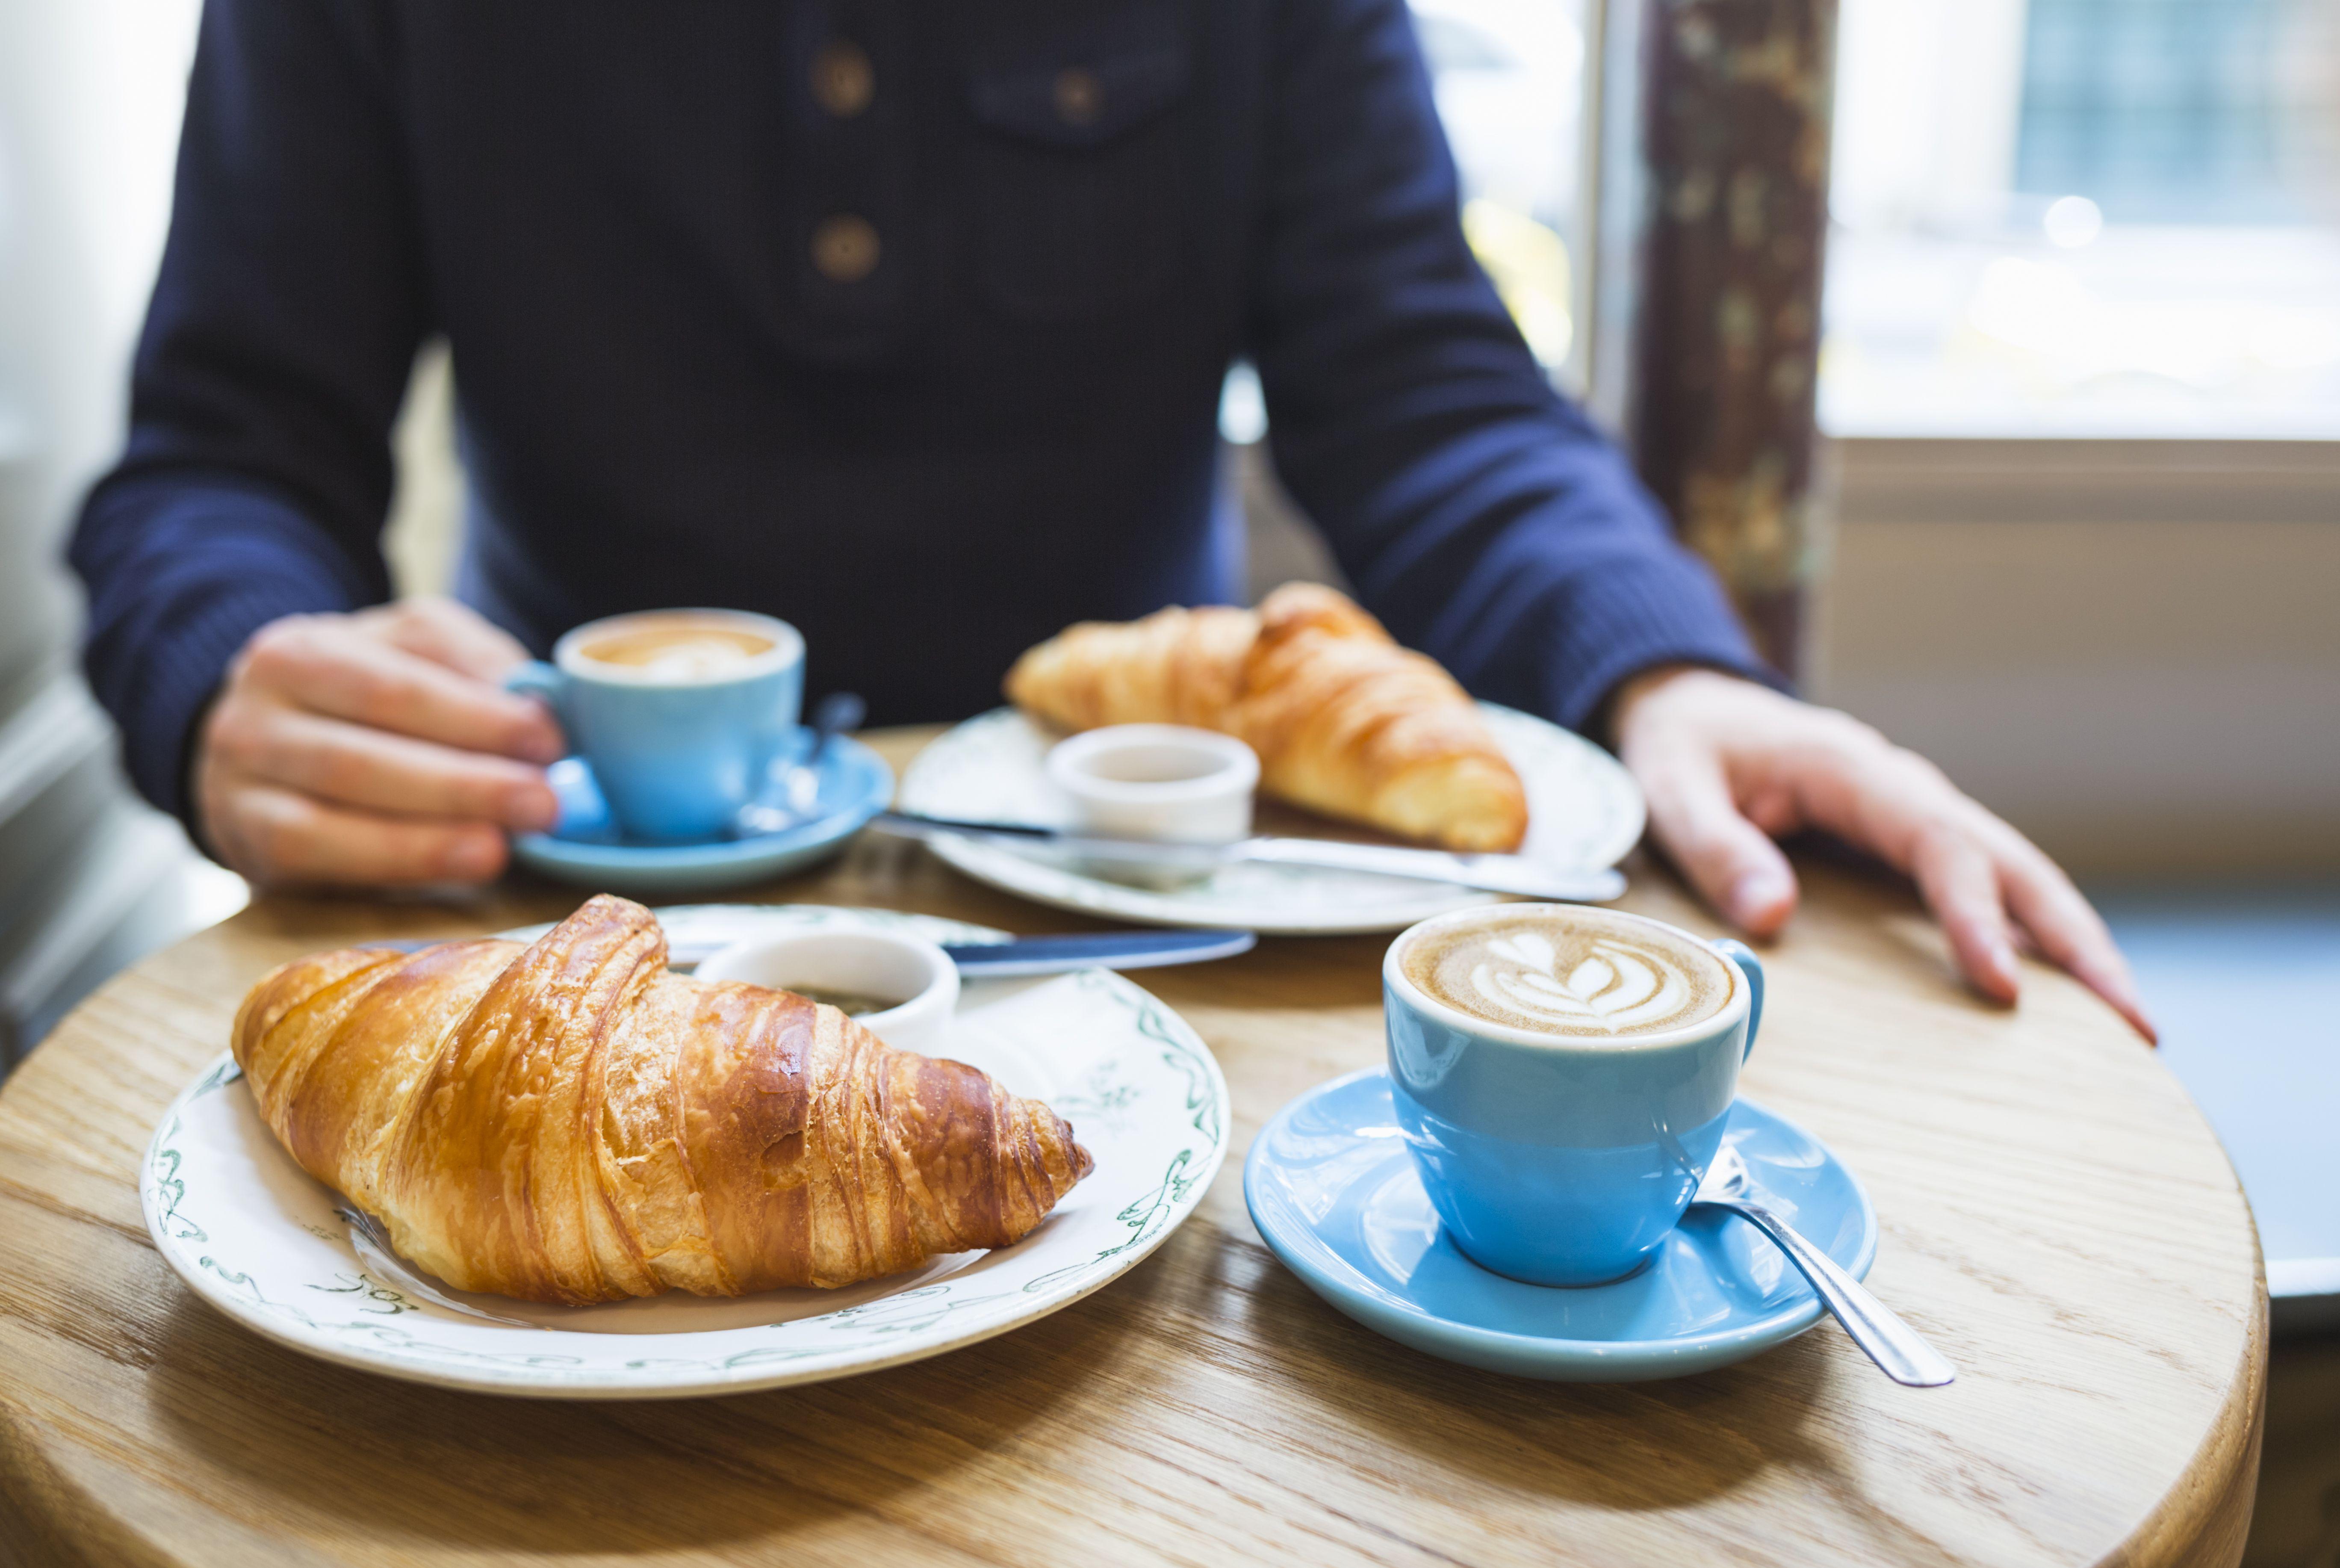 Bar con desayunos completos y variados en Madrid